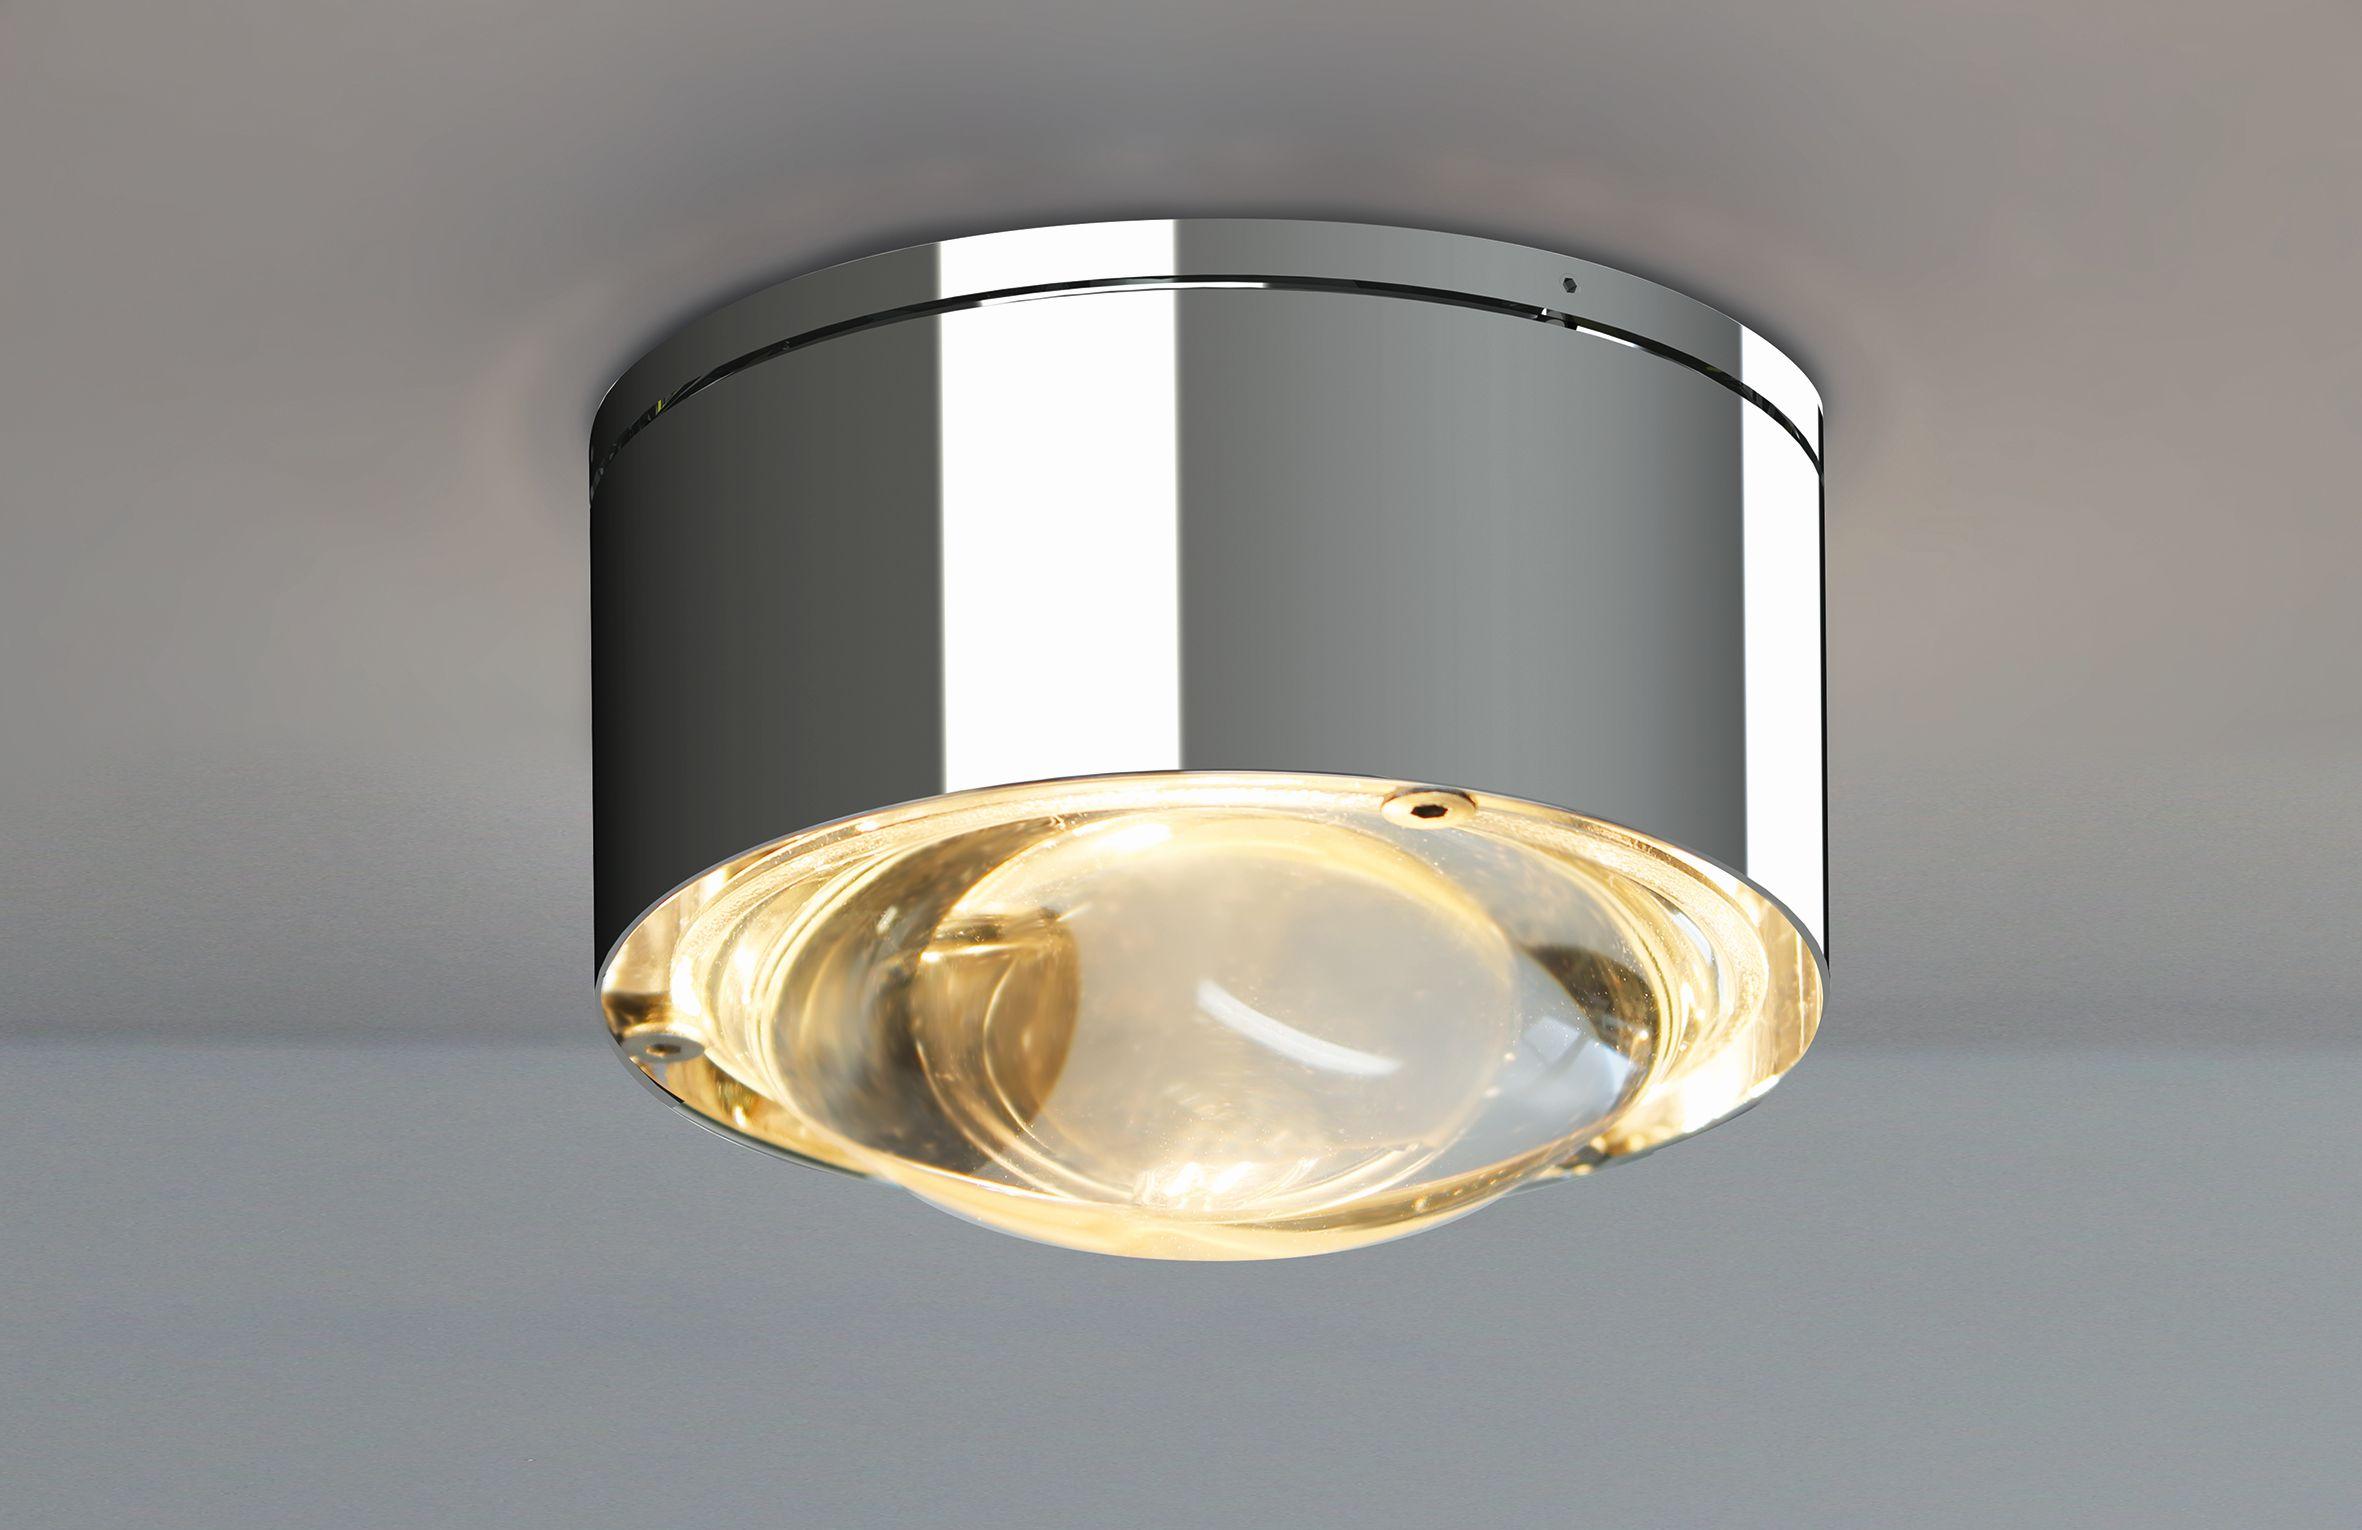 LED Deckenleuchte Puk Maxx One 2